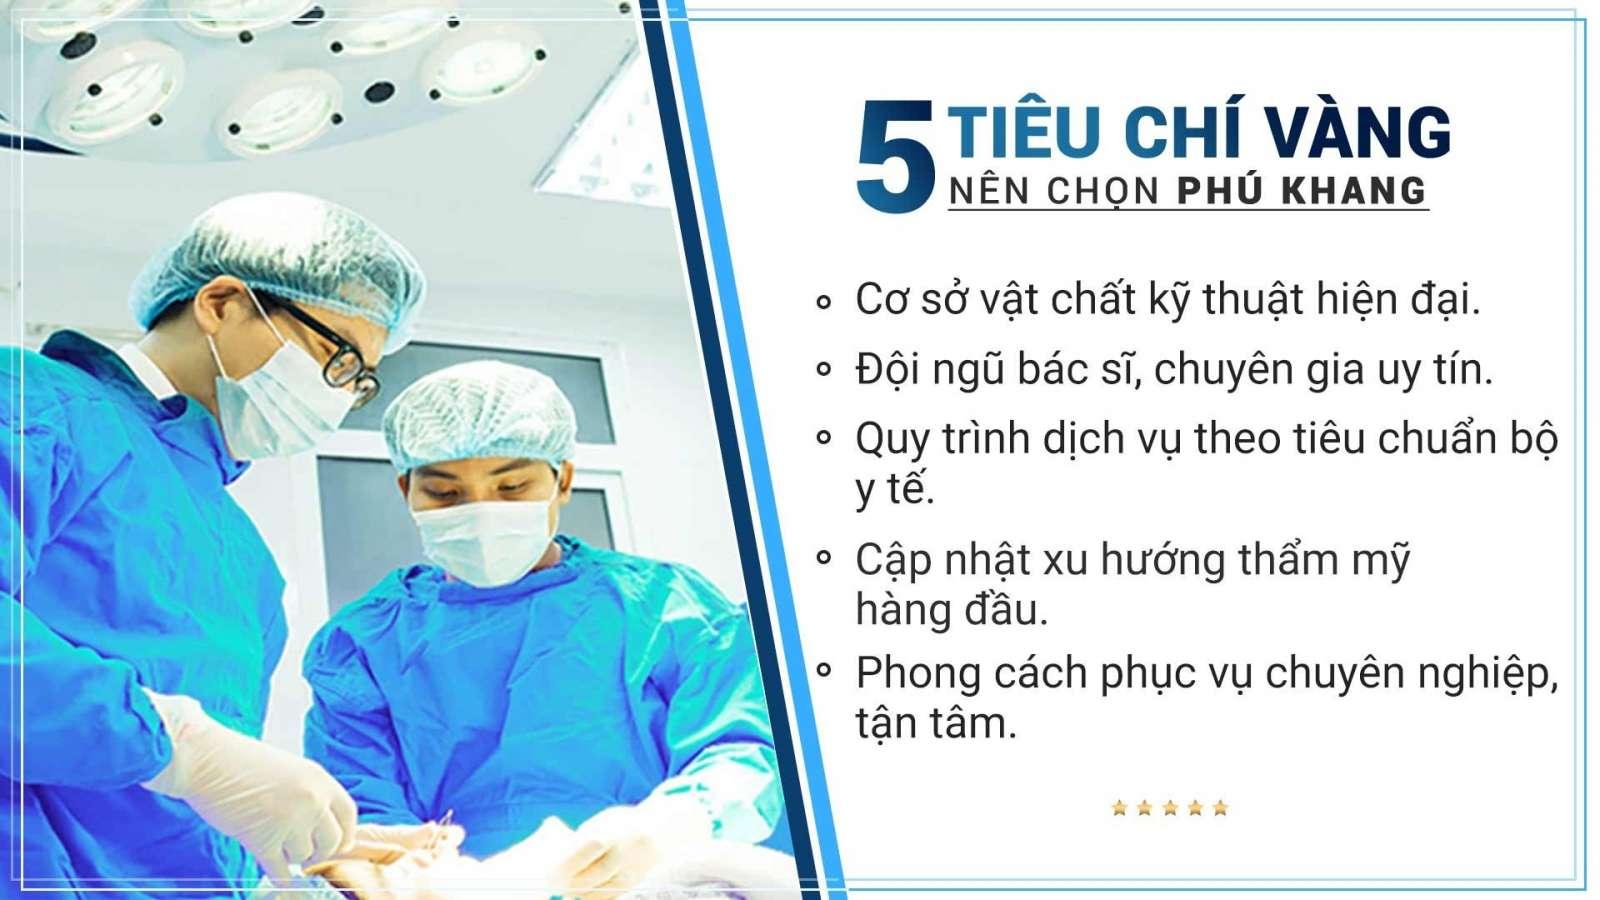 5-tieu-chi-vang-danh-gia-tmv-phu-khang